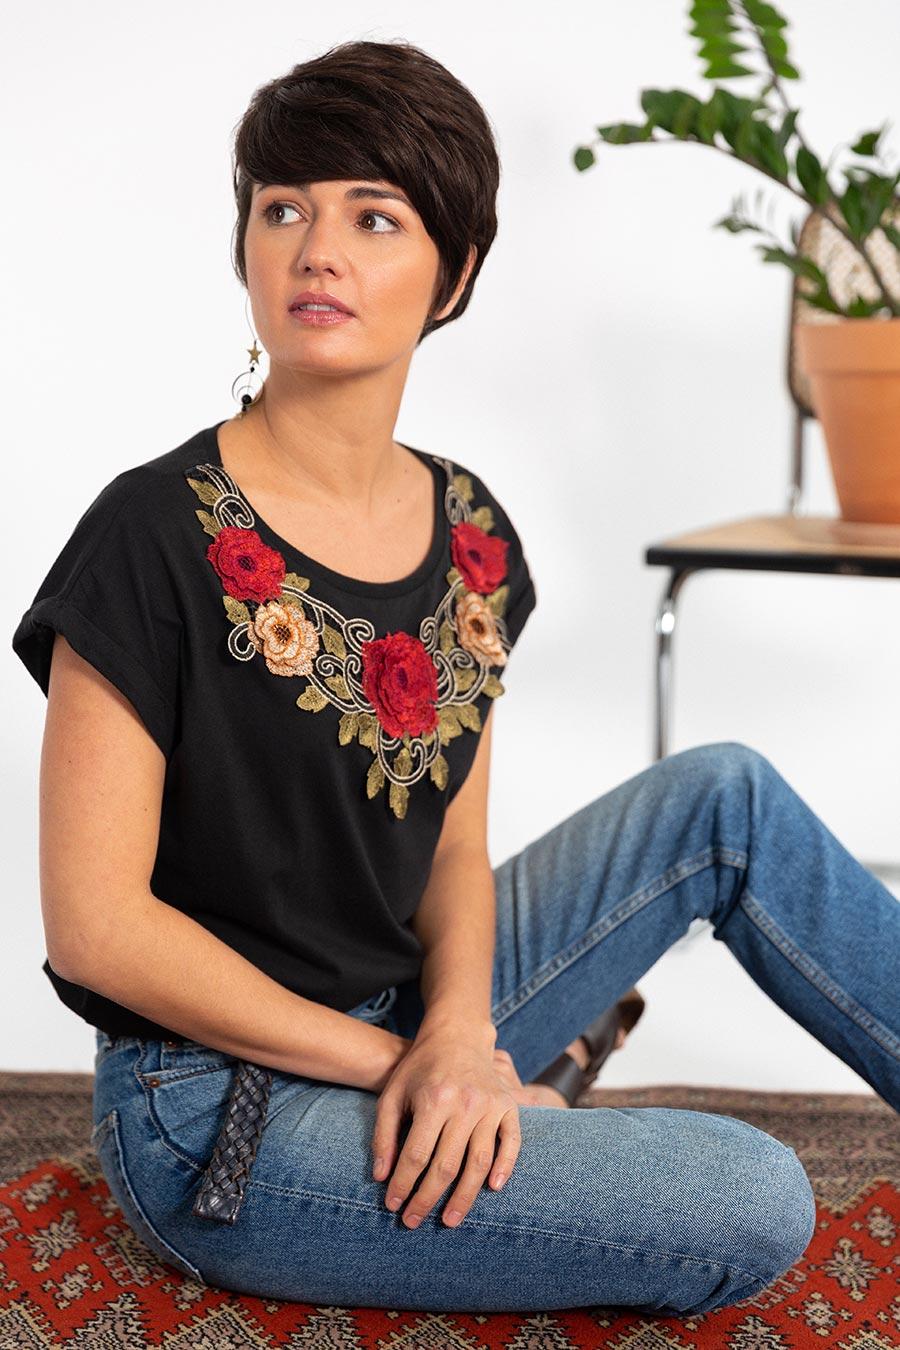 OTRORA_Camiseta manga corta en punto de algodón con aplique flores bordadas multicolor